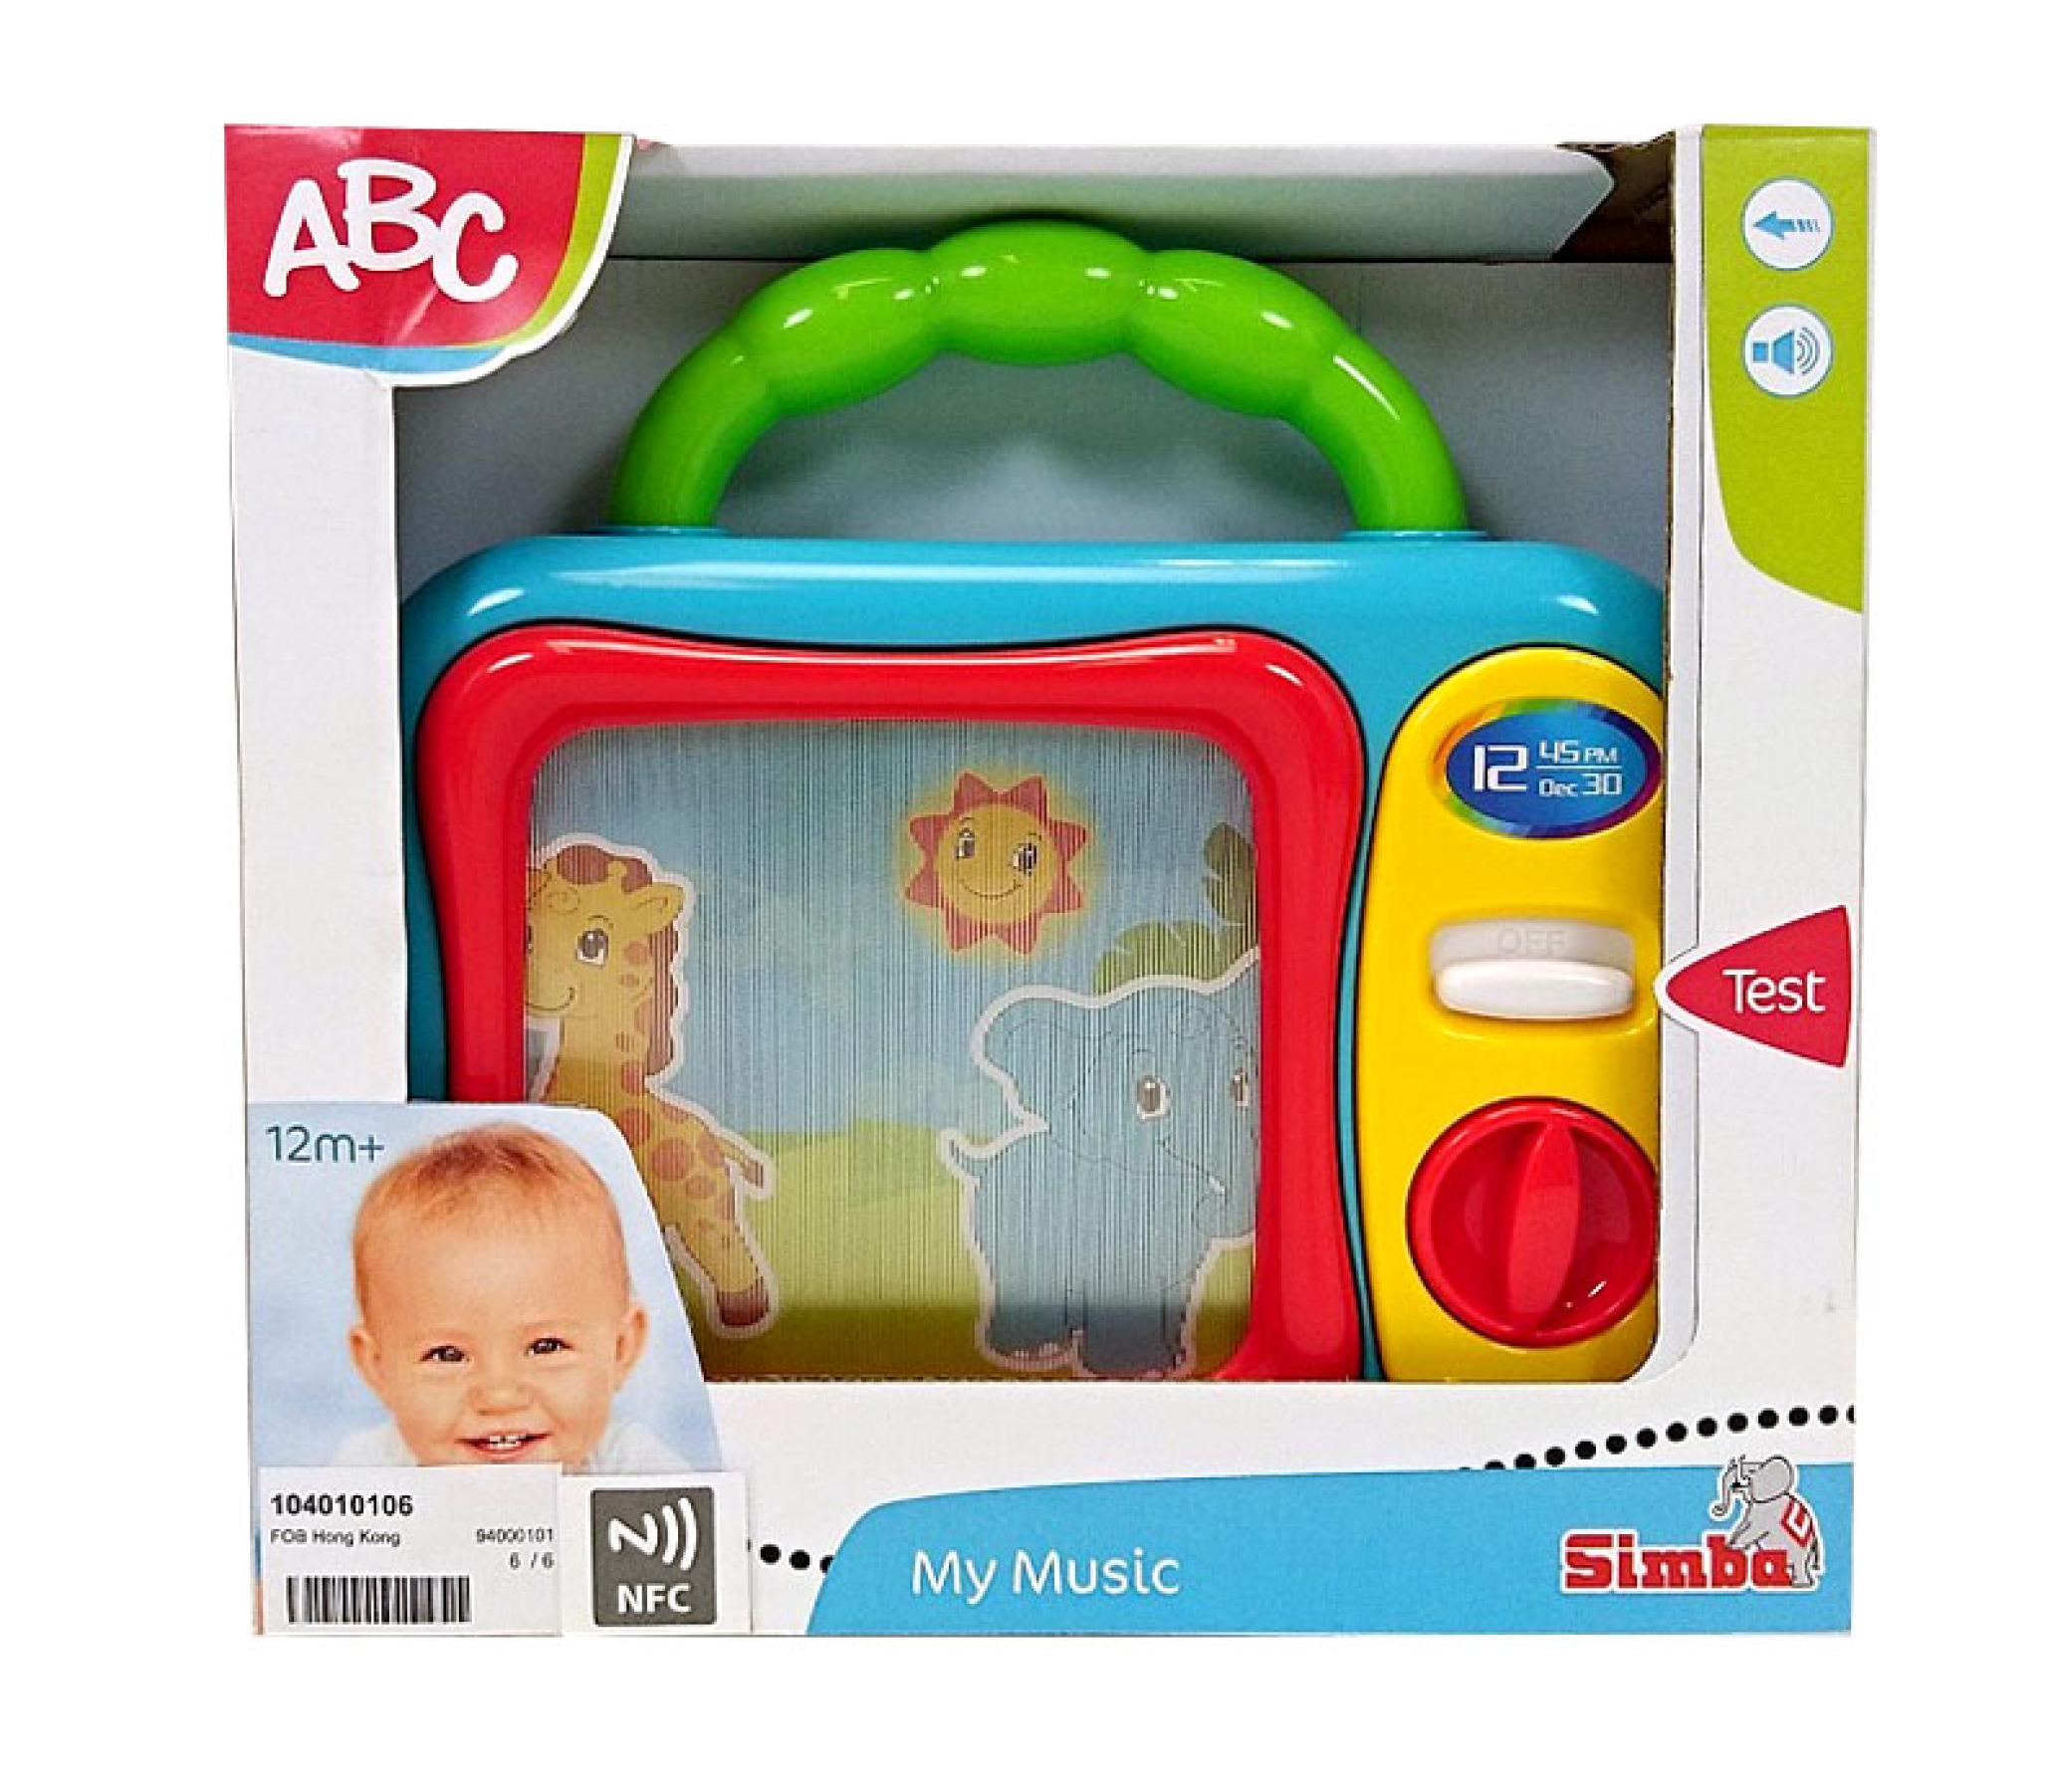 ABC Baby Mein Erster TV